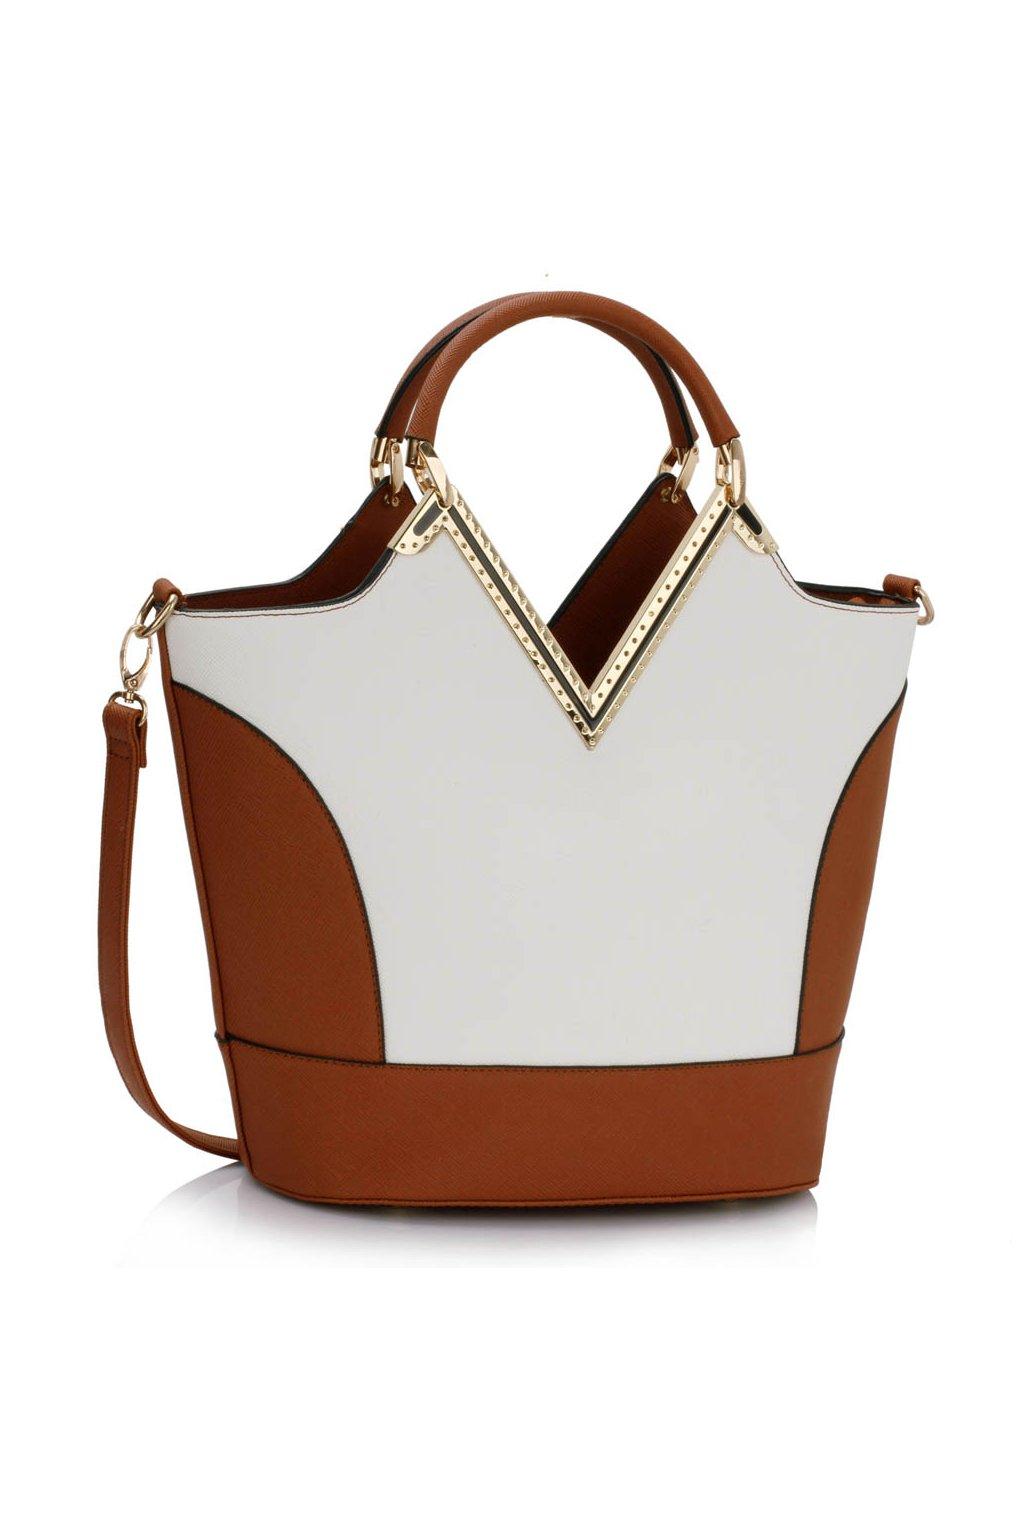 Shopper kabelka do ruky Bertie A hnedá   biela LS00379A 222e8aeefe4